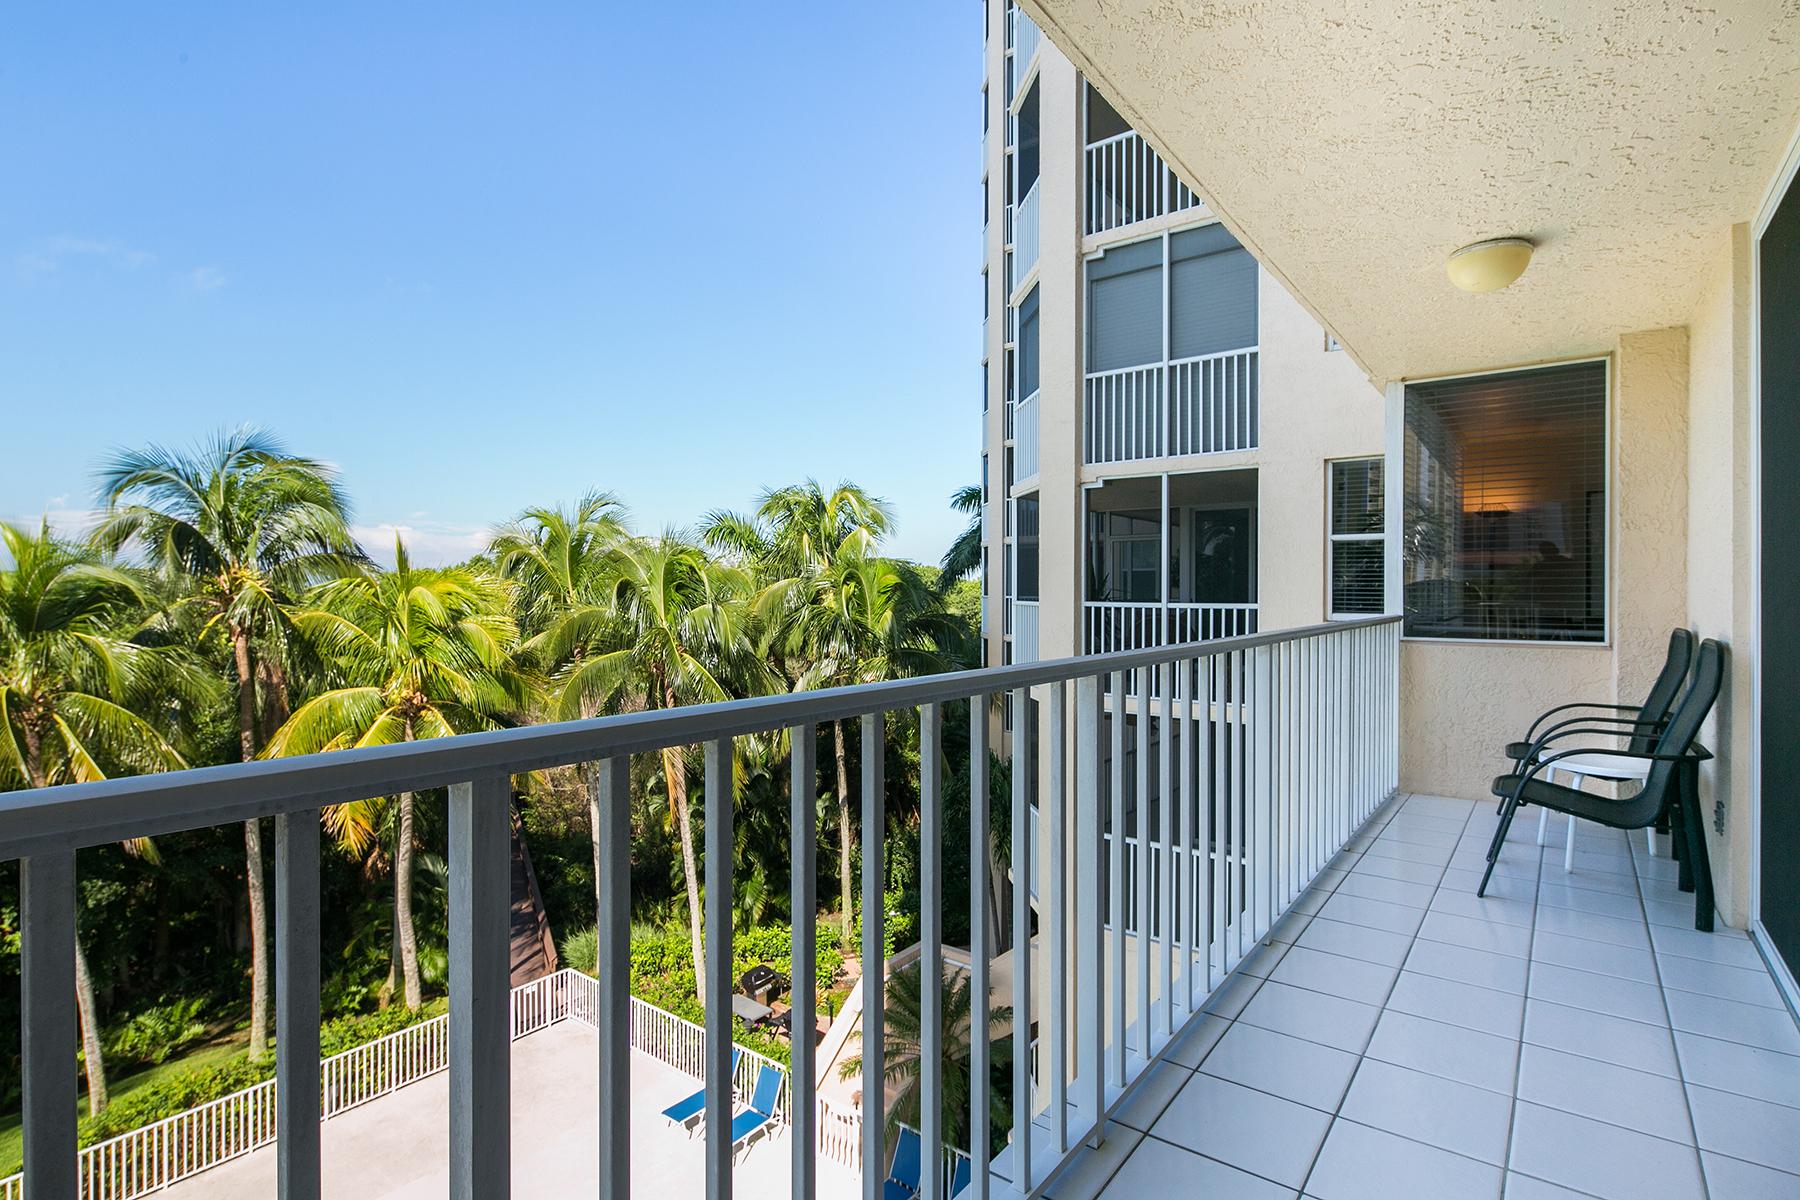 Eigentumswohnung für Verkauf beim Pelican Bay - St. Nicole 5550 Heron Point Dr 304 Naples, Florida, 34108 Vereinigte Staaten